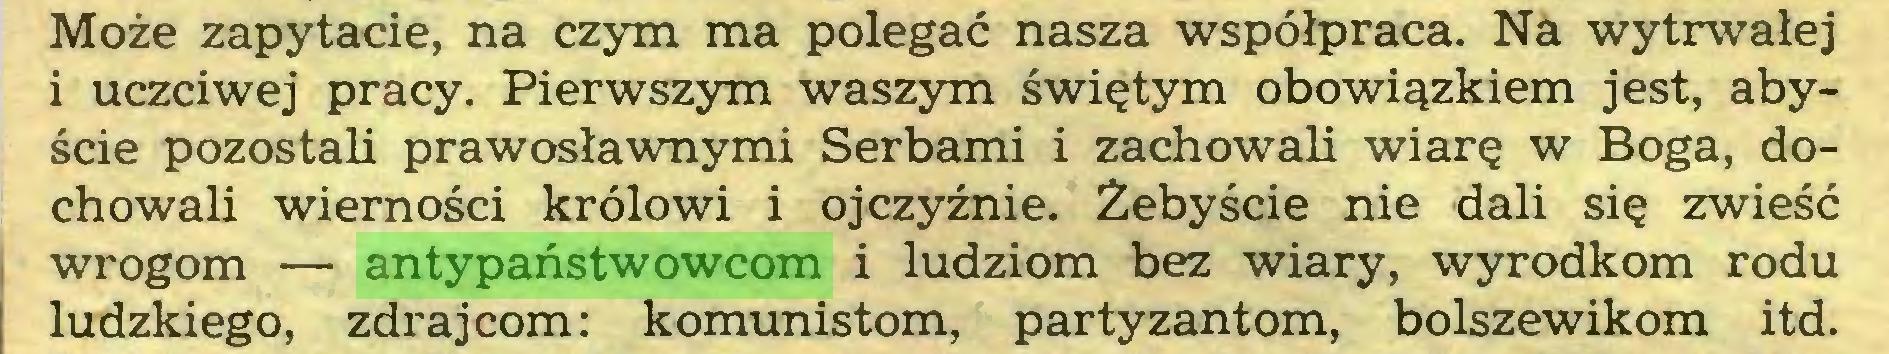 (...) Może zapytacie, na czym ma polegać nasza współpraca. Na wytrwałej i uczciwej pracy. Pierwszym waszym świętym obowiązkiem jest, abyście pozostali prawosławnymi Serbami i zachowali wiarę w Boga, dochowali wierności królowi i ojczyźnie. Żebyście nie dali się zwieść wrogom — antypaństwowcom i ludziom bez wiary, wyrodkom rodu ludzkiego, zdrajcom: komunistom, partyzantom, bolszewikom itd...